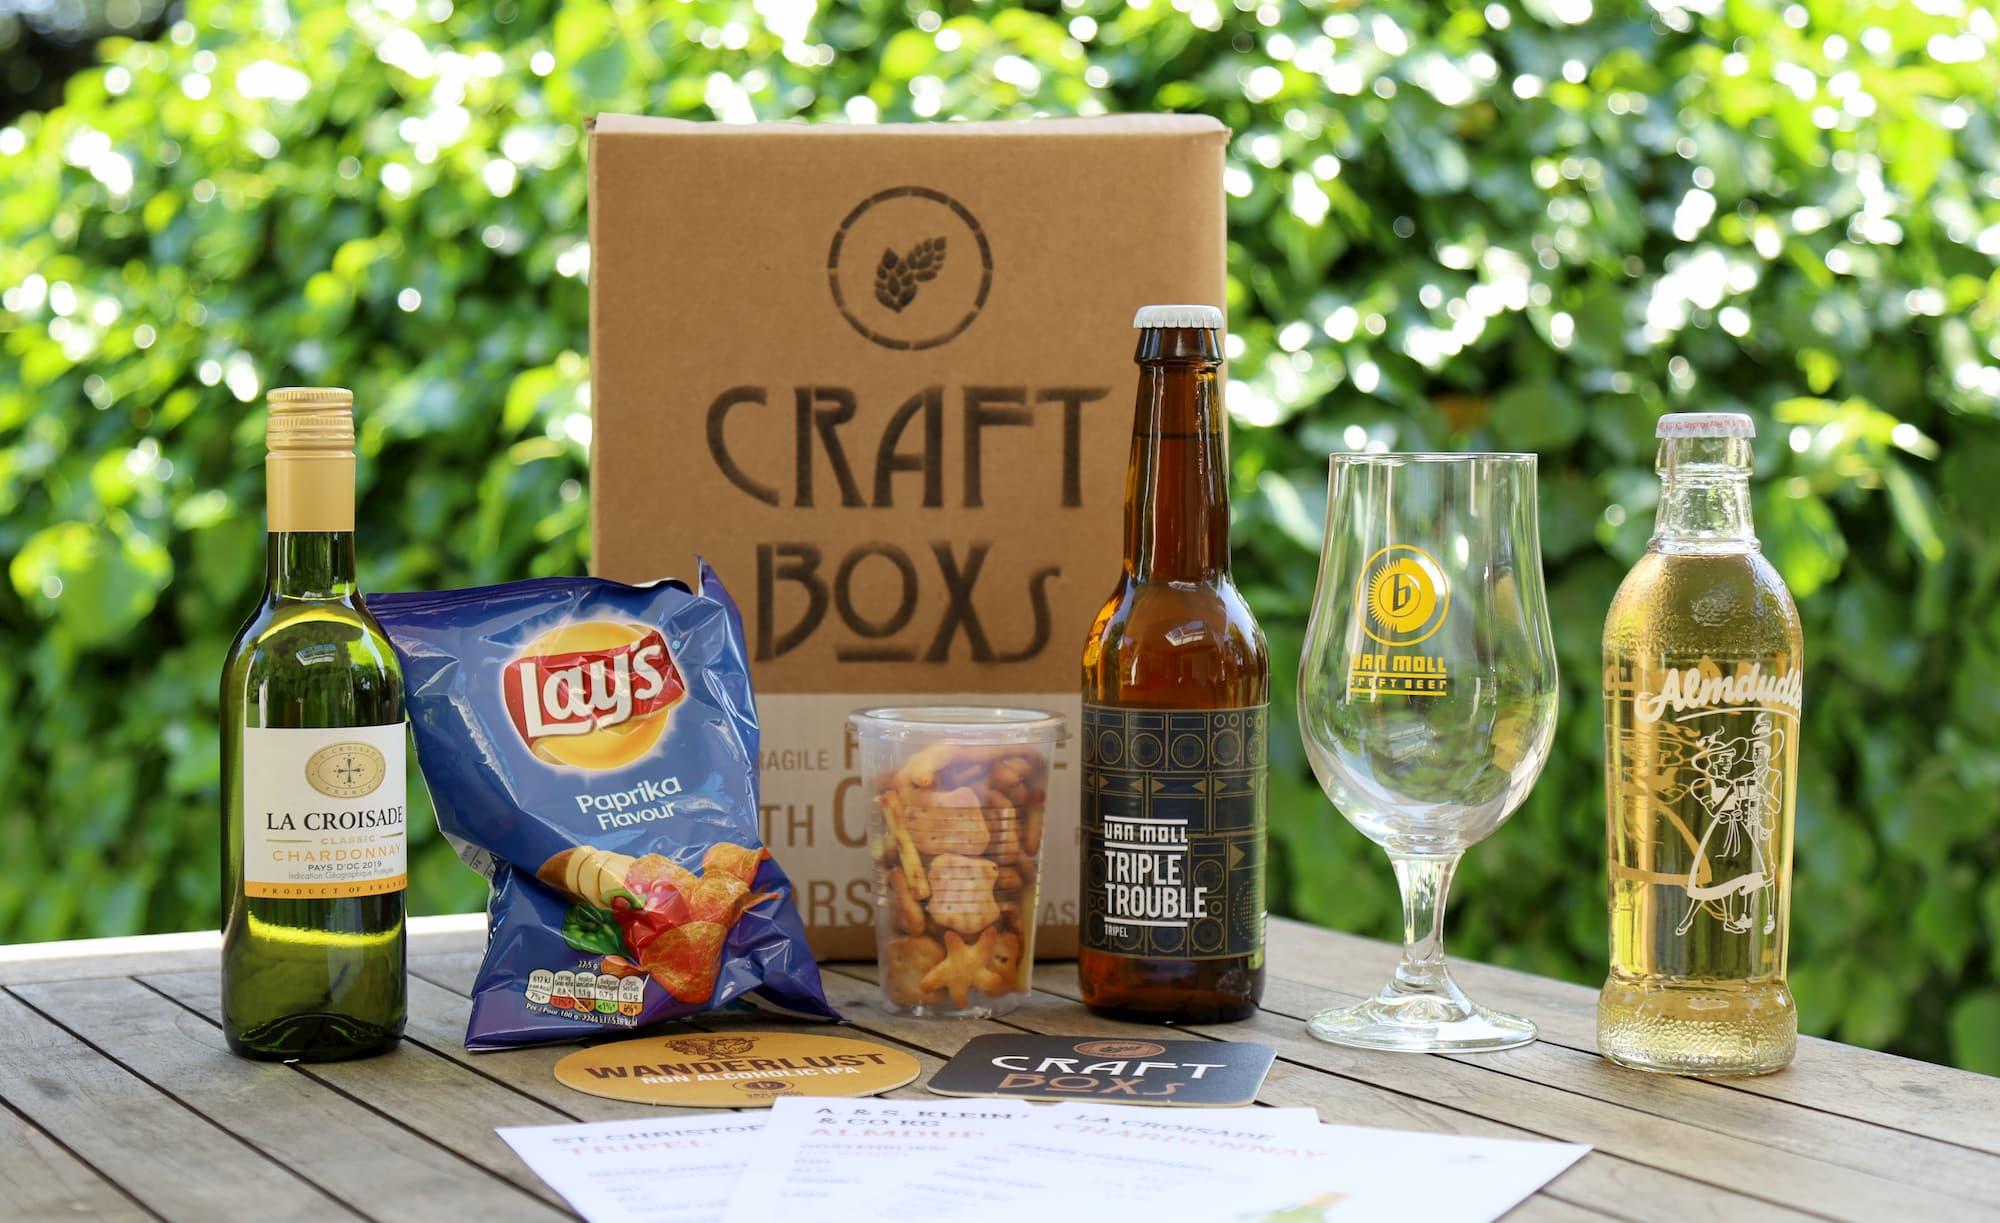 Bedrijfsborrel pakket met wijn, speciaalbier, bierglas, craftsoda, borrelnootjes en chips